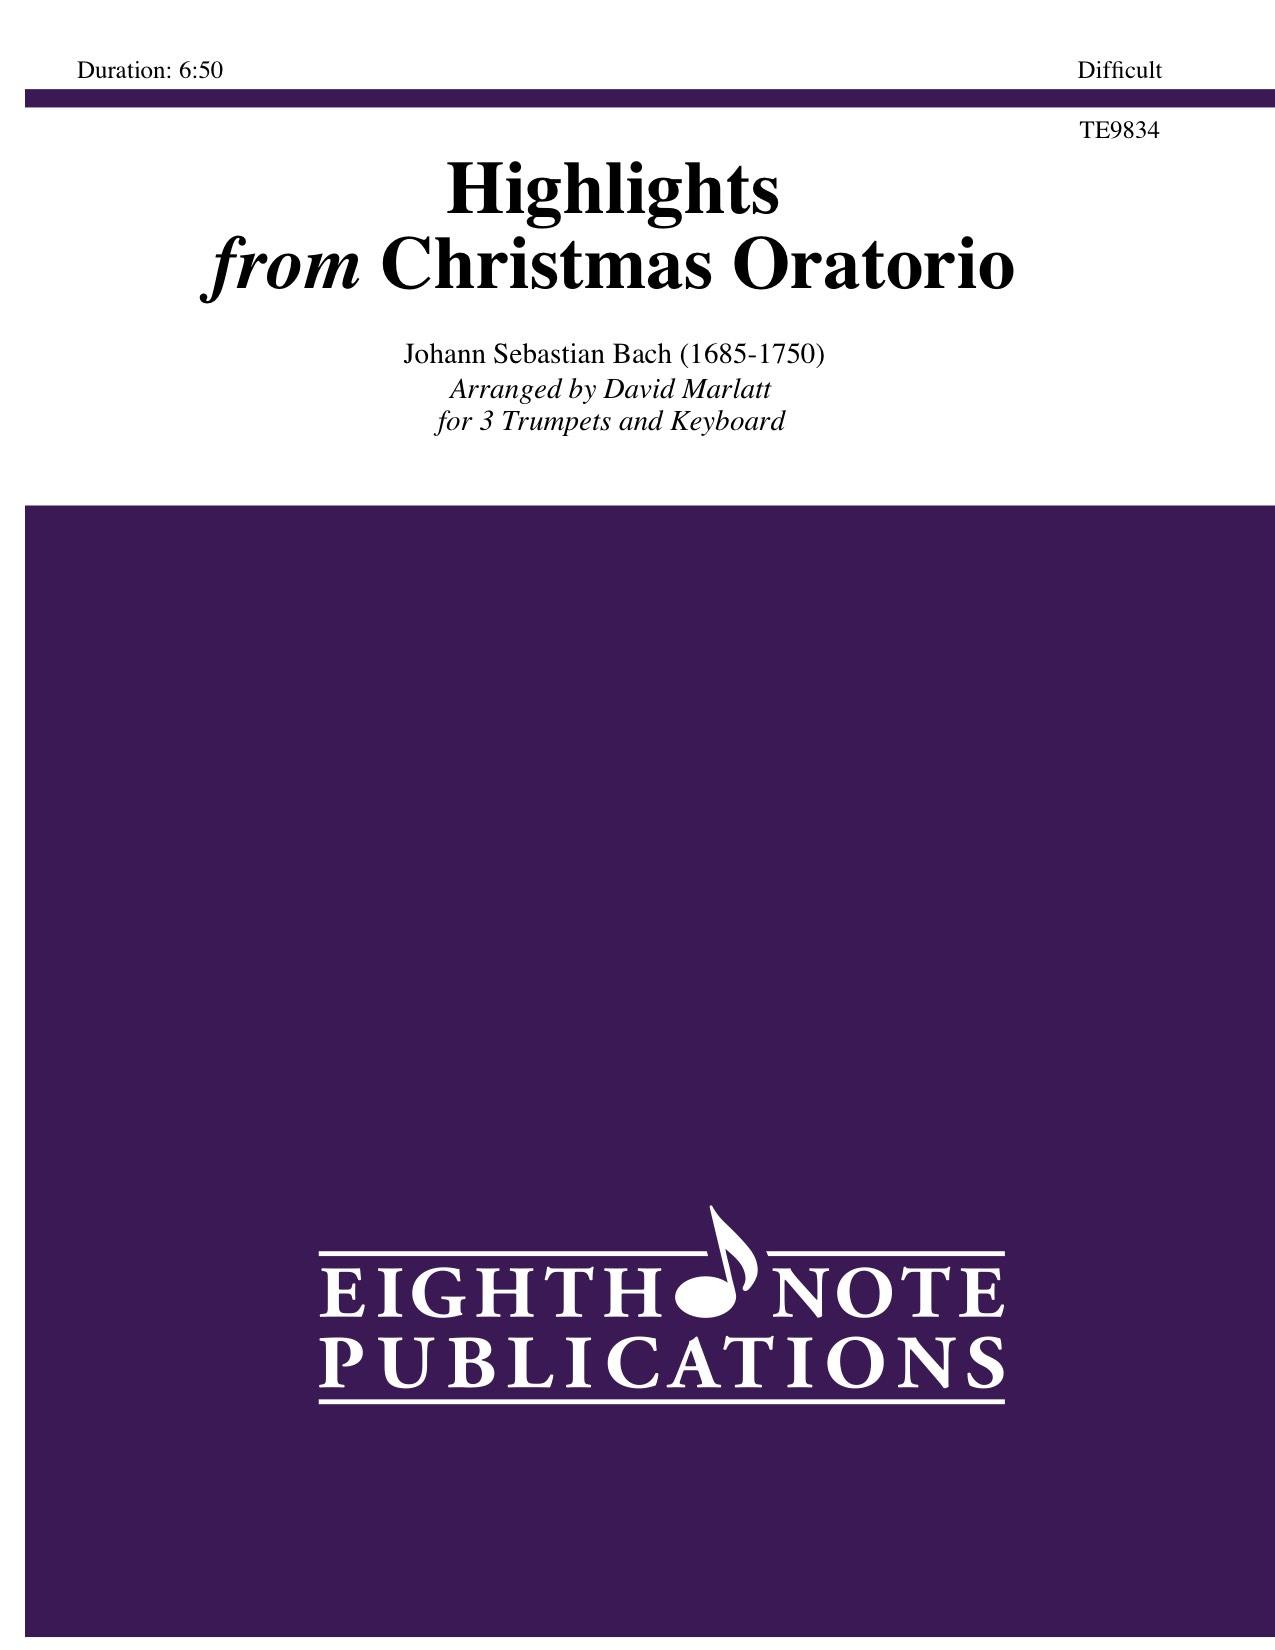 Highlights from Christmas Oratorio  - Johann Sebastian Bach